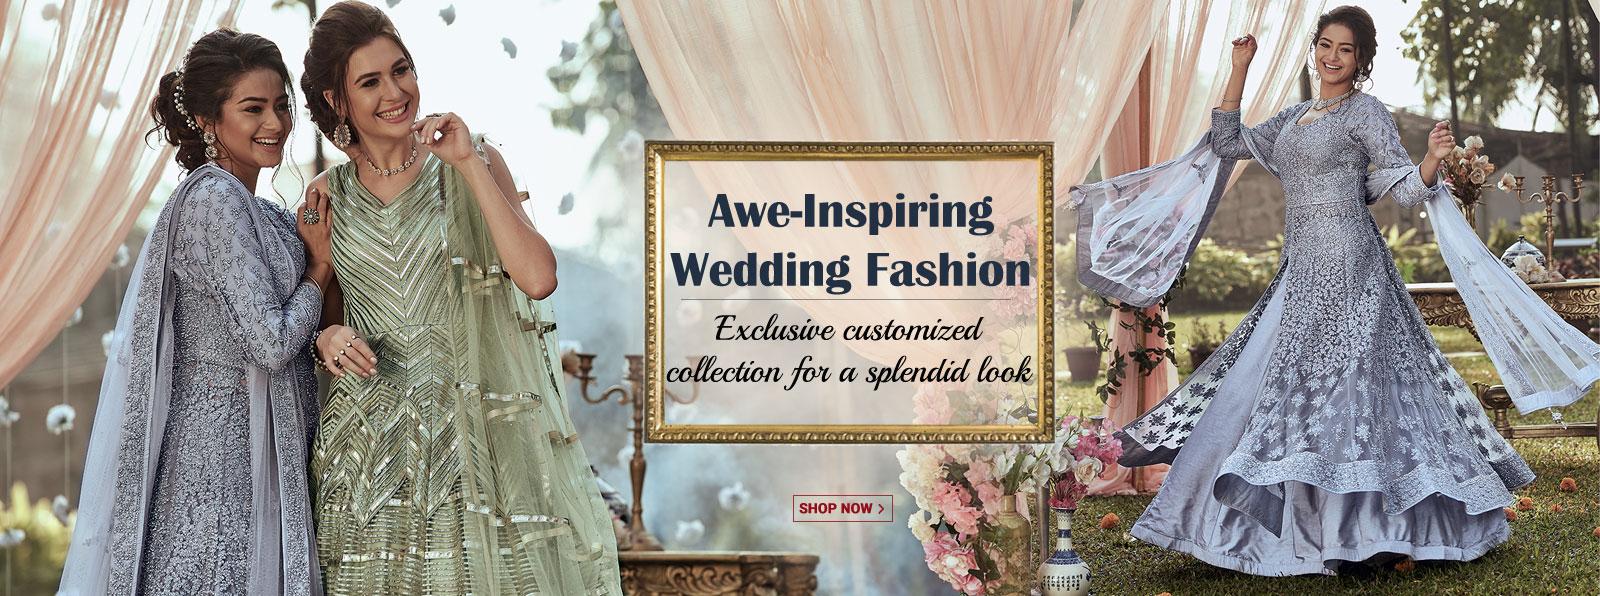 Bridal_Wedding_Gowns